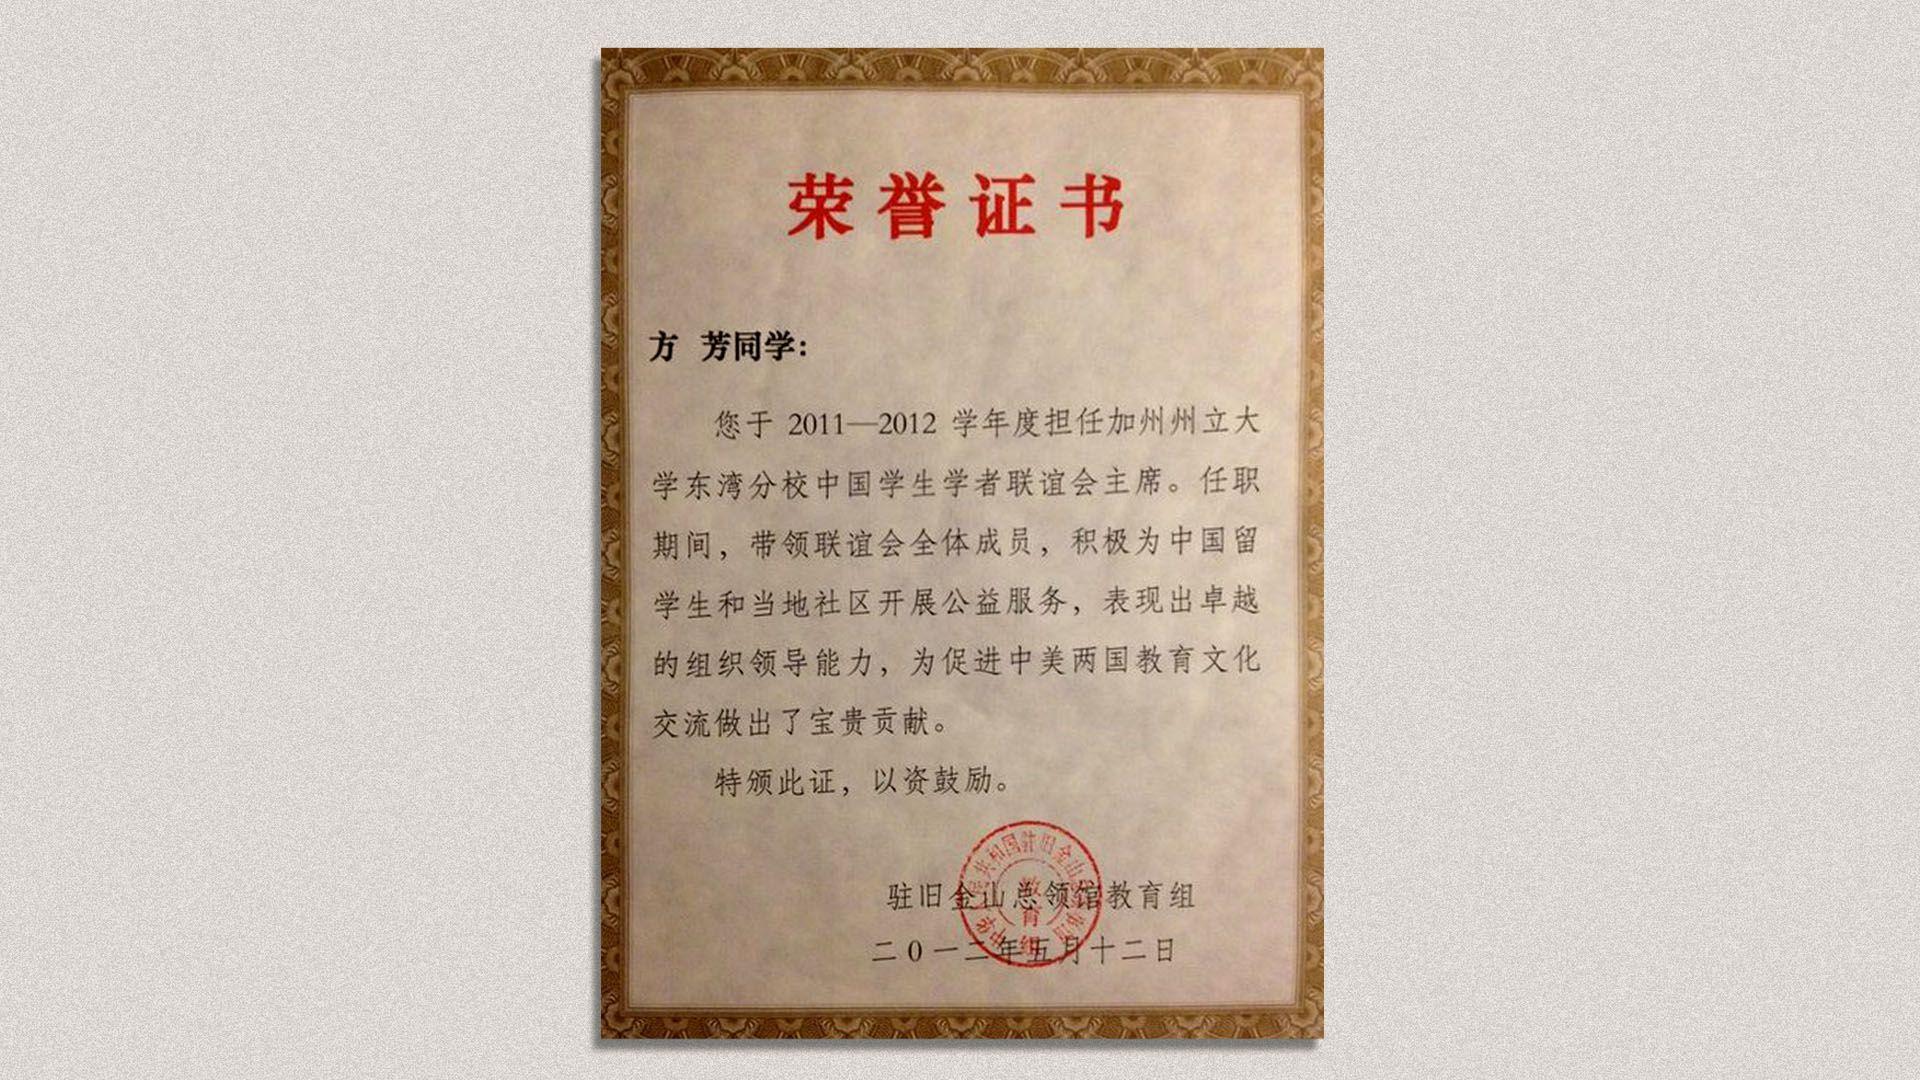 中國駐舊金山總領事館頒發給方芳,以表彰她擔任加州州立大學東灣中國學生協會主席的「榮譽證書」。(人人網)